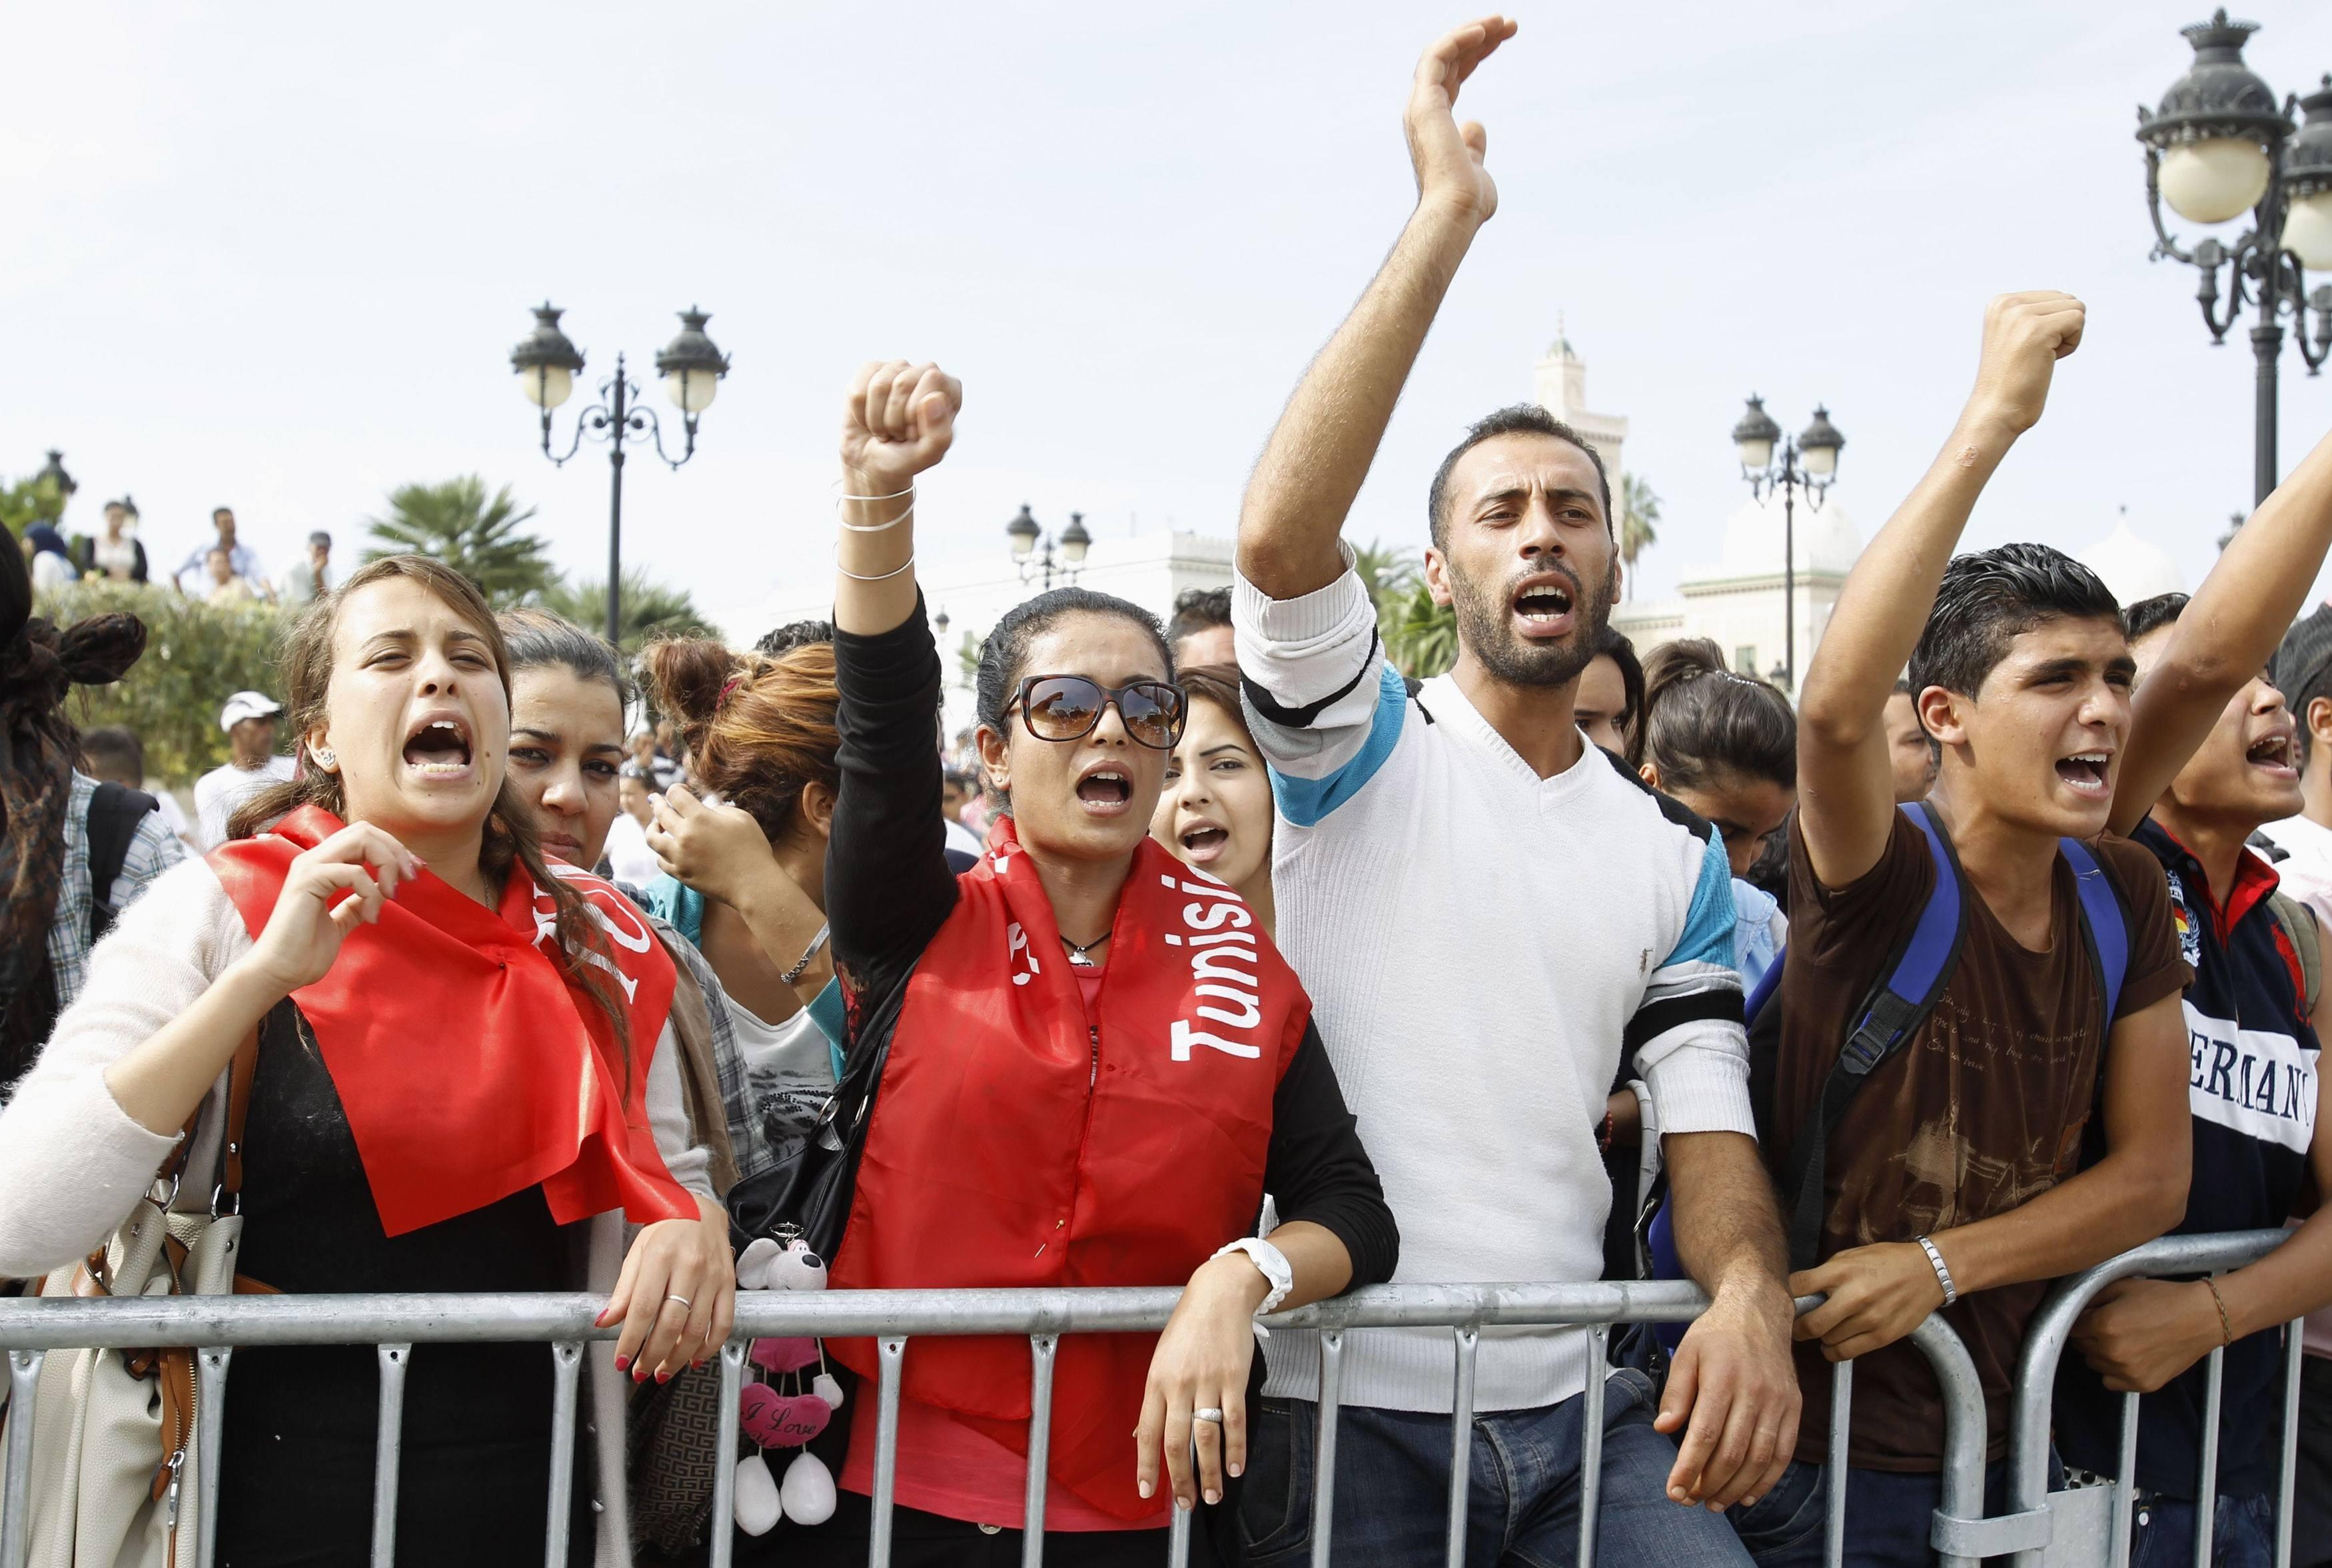 النهضة تدعو للخروج إلى الشارع تنديدا بالعدوان الإسرائيلي